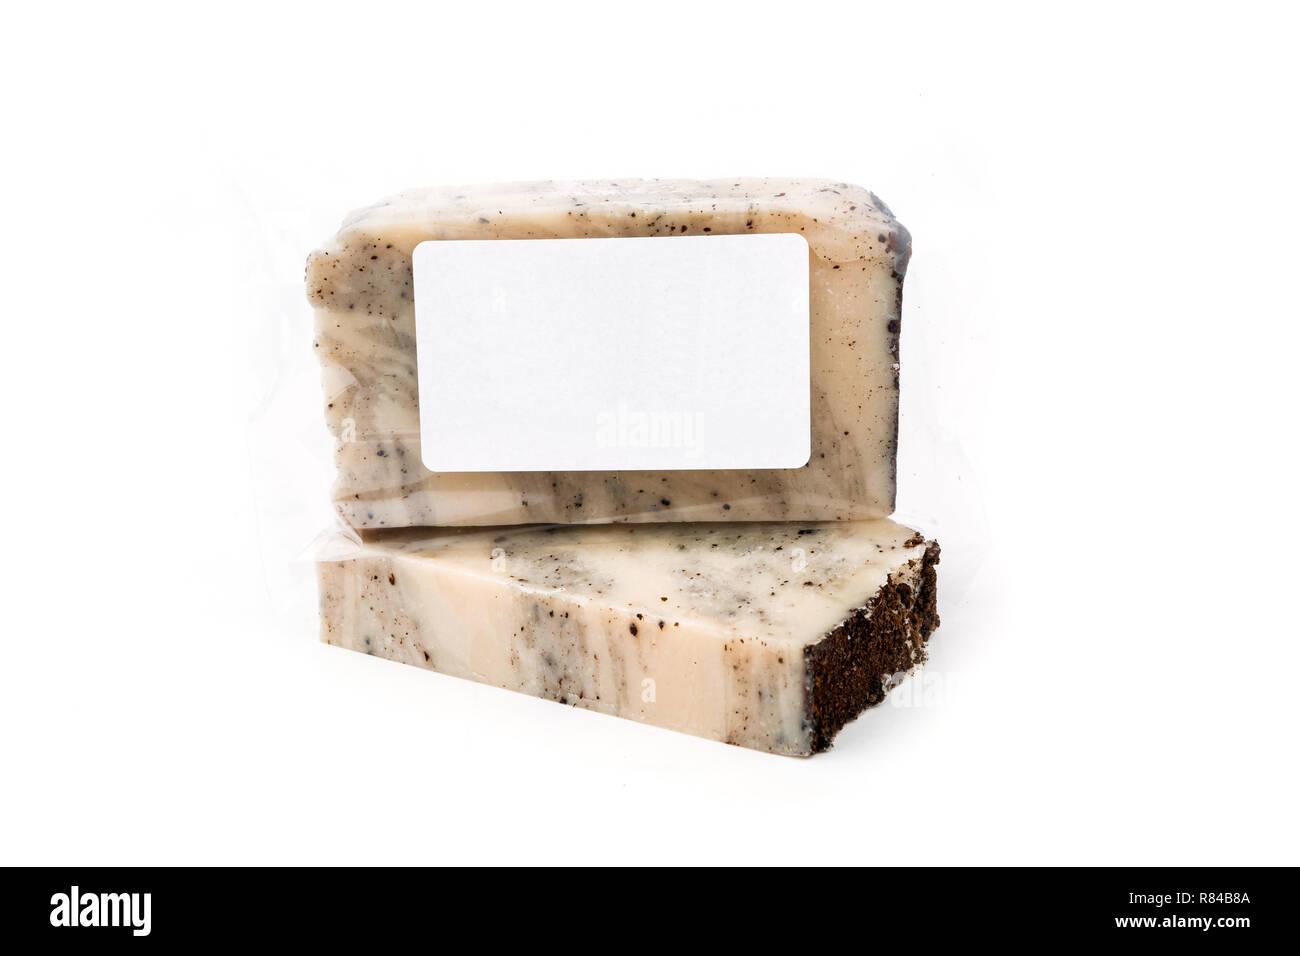 Handmade artisan coconut soap bars on white background - Stock Image